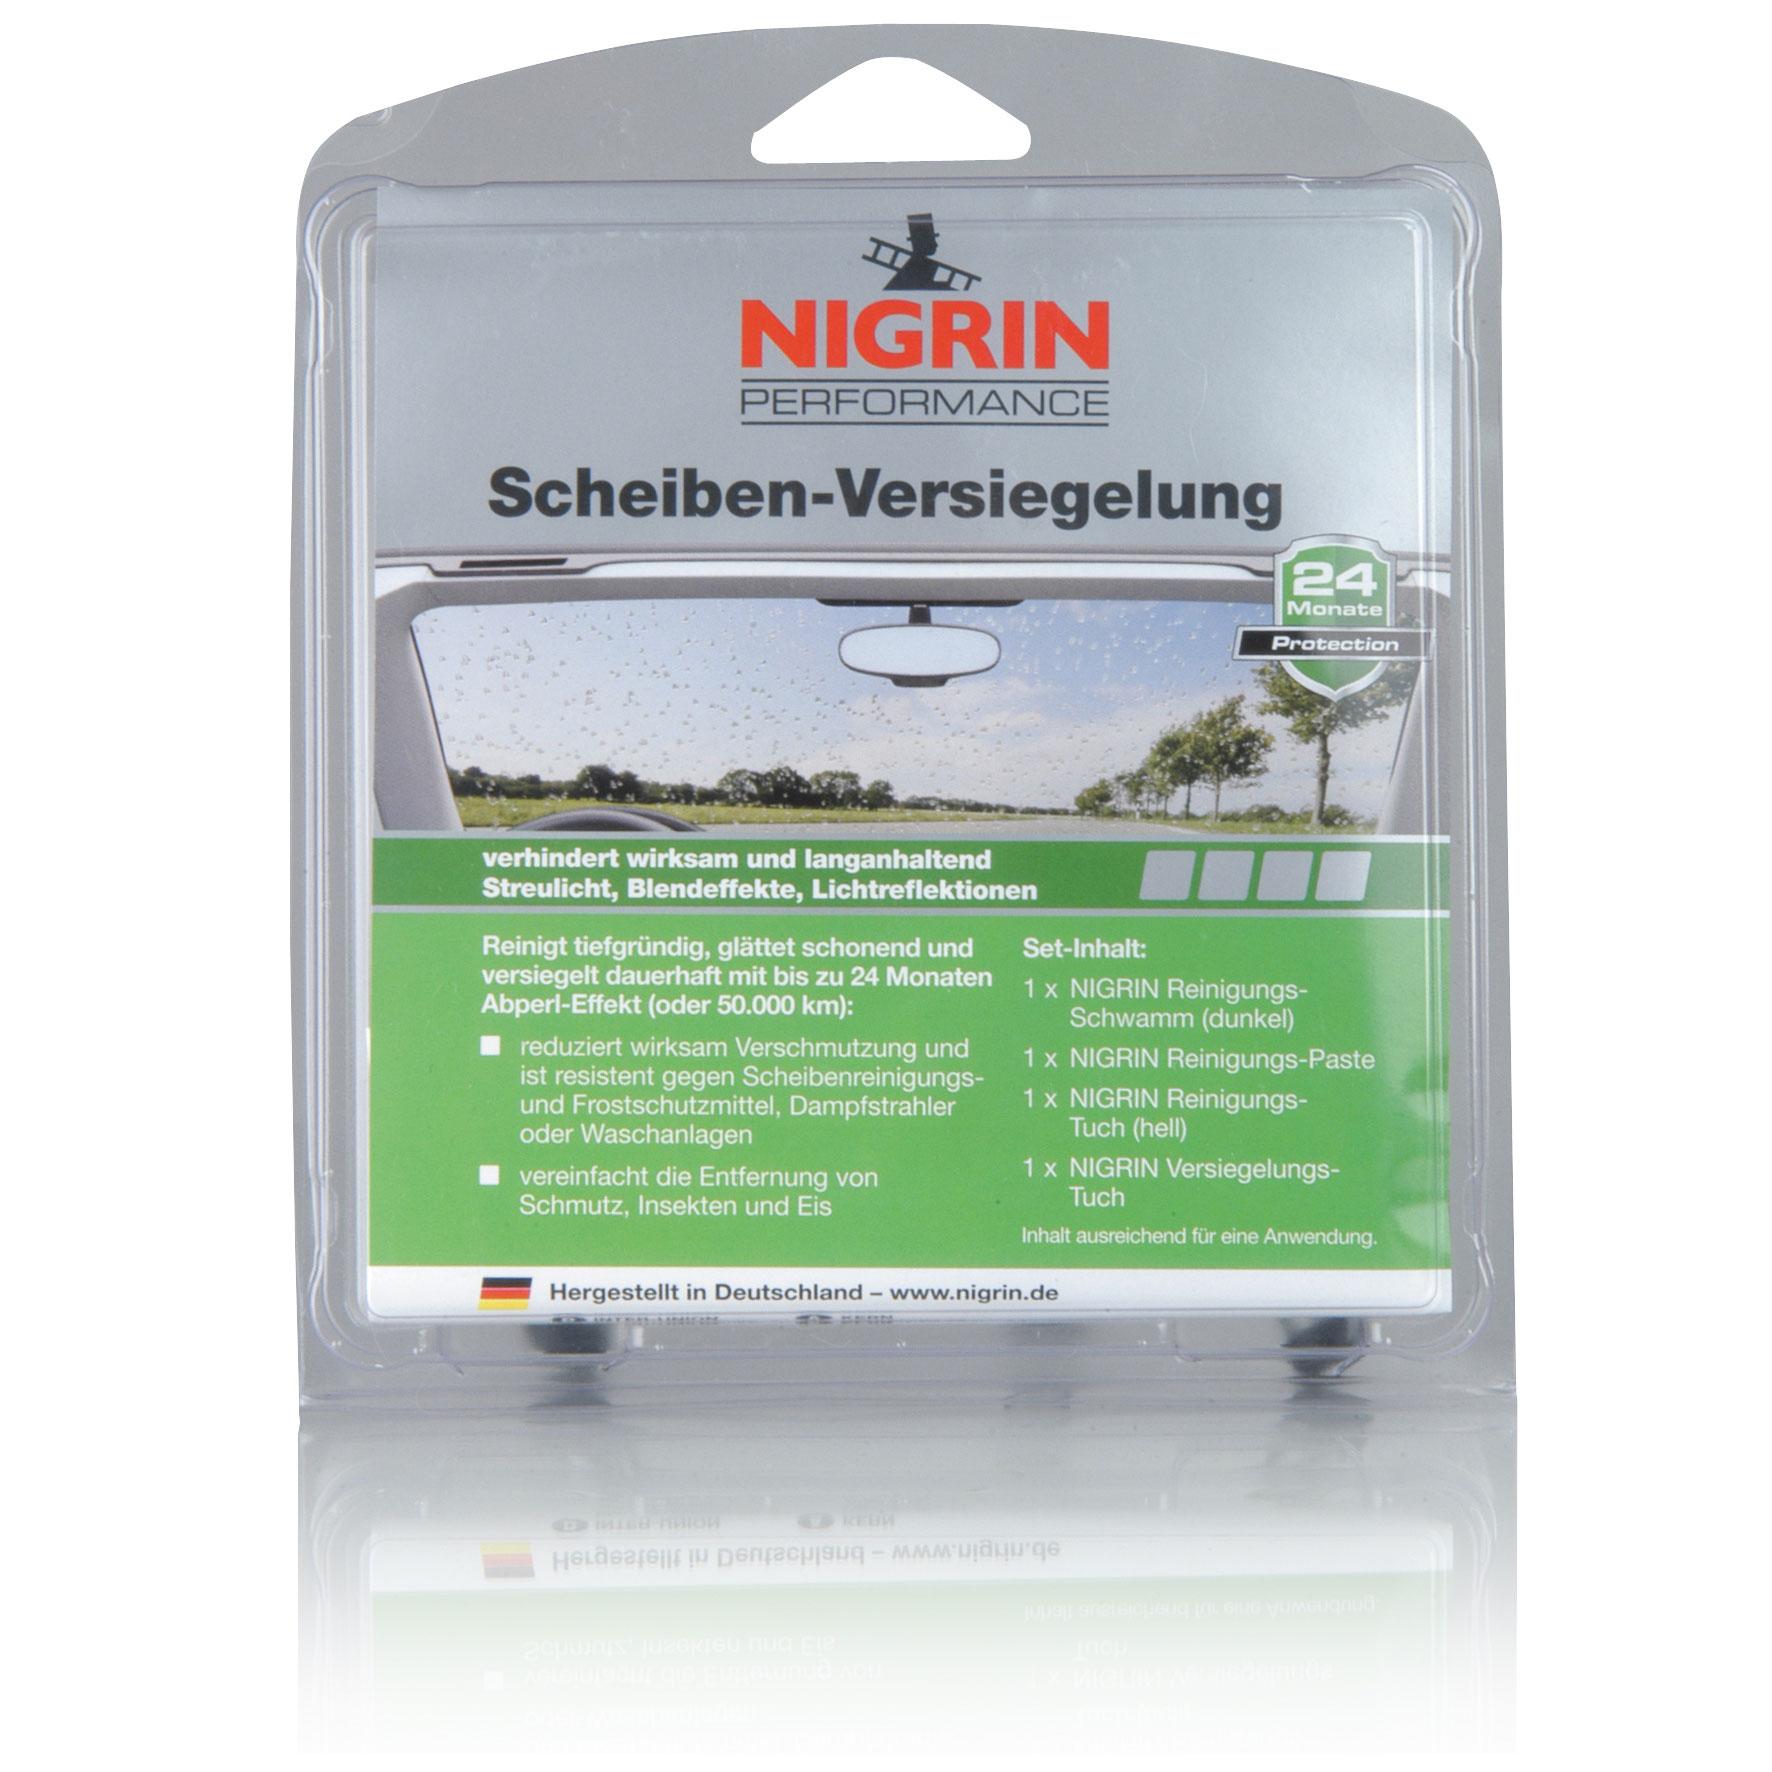 Nigrin Performance Scheiben-Versiegelungs-Set Bild 1